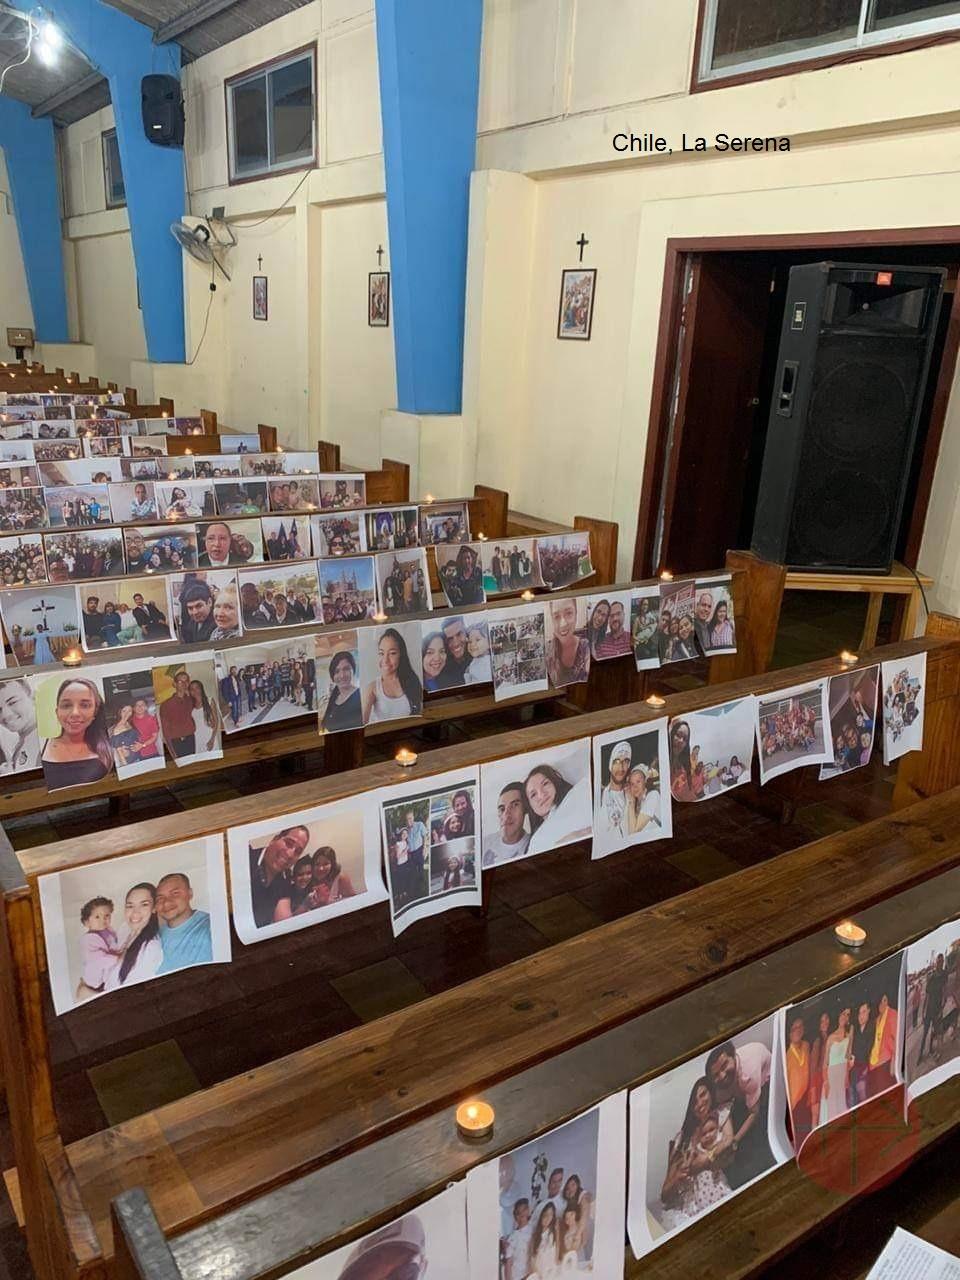 Chile la Serena celebrando Misa en Covid con retratos de los fieles en las bancas